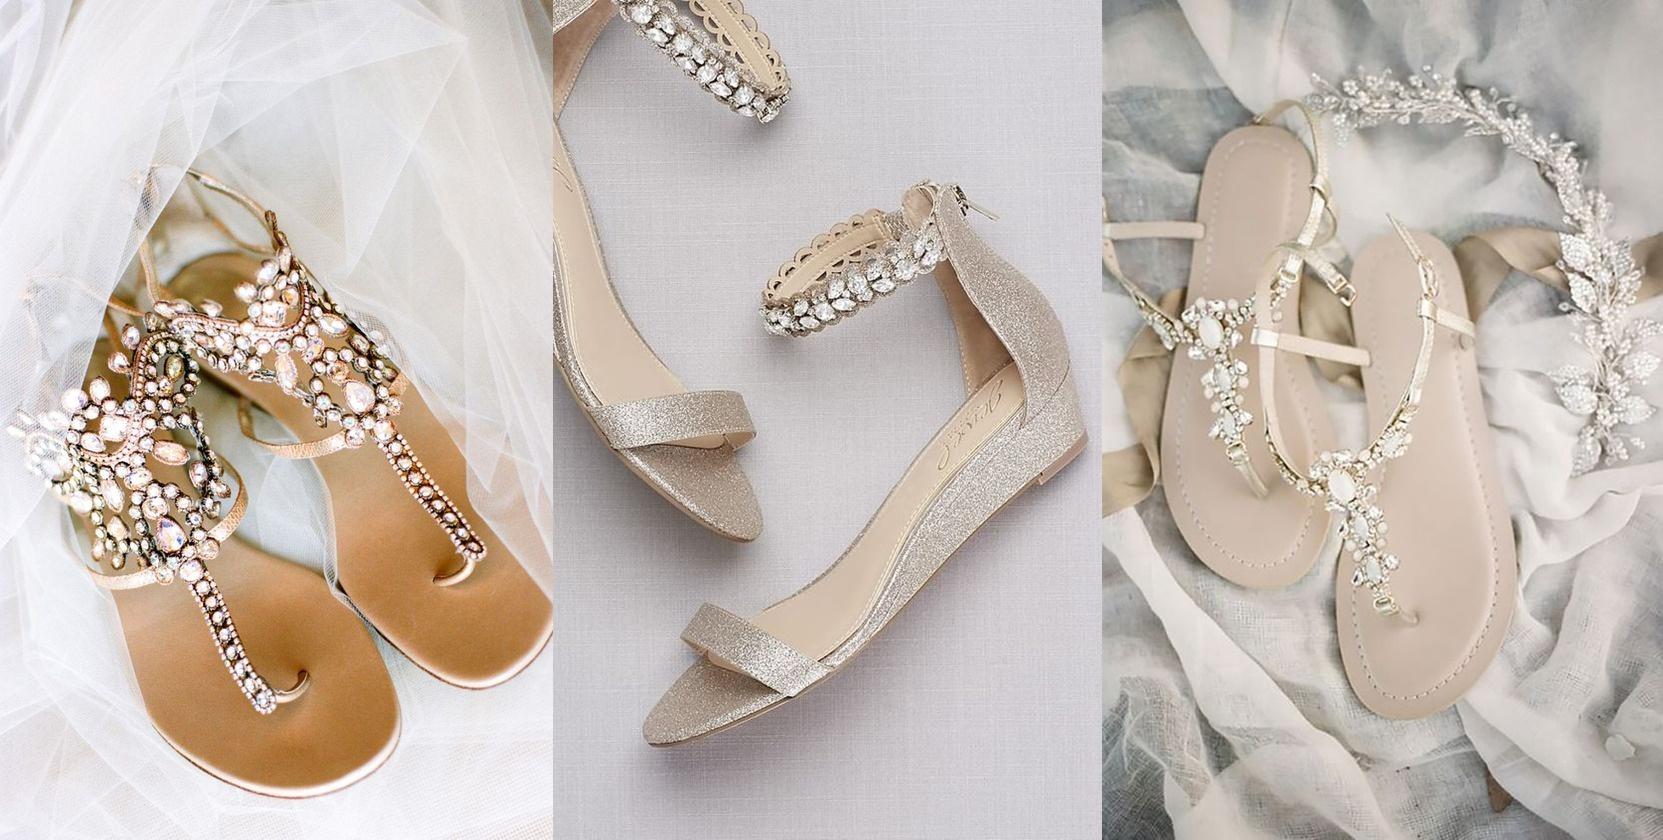 8d35e554e35c9 Płaskie buty do ślubu - wygodnie i z klasą - Wedding.pl